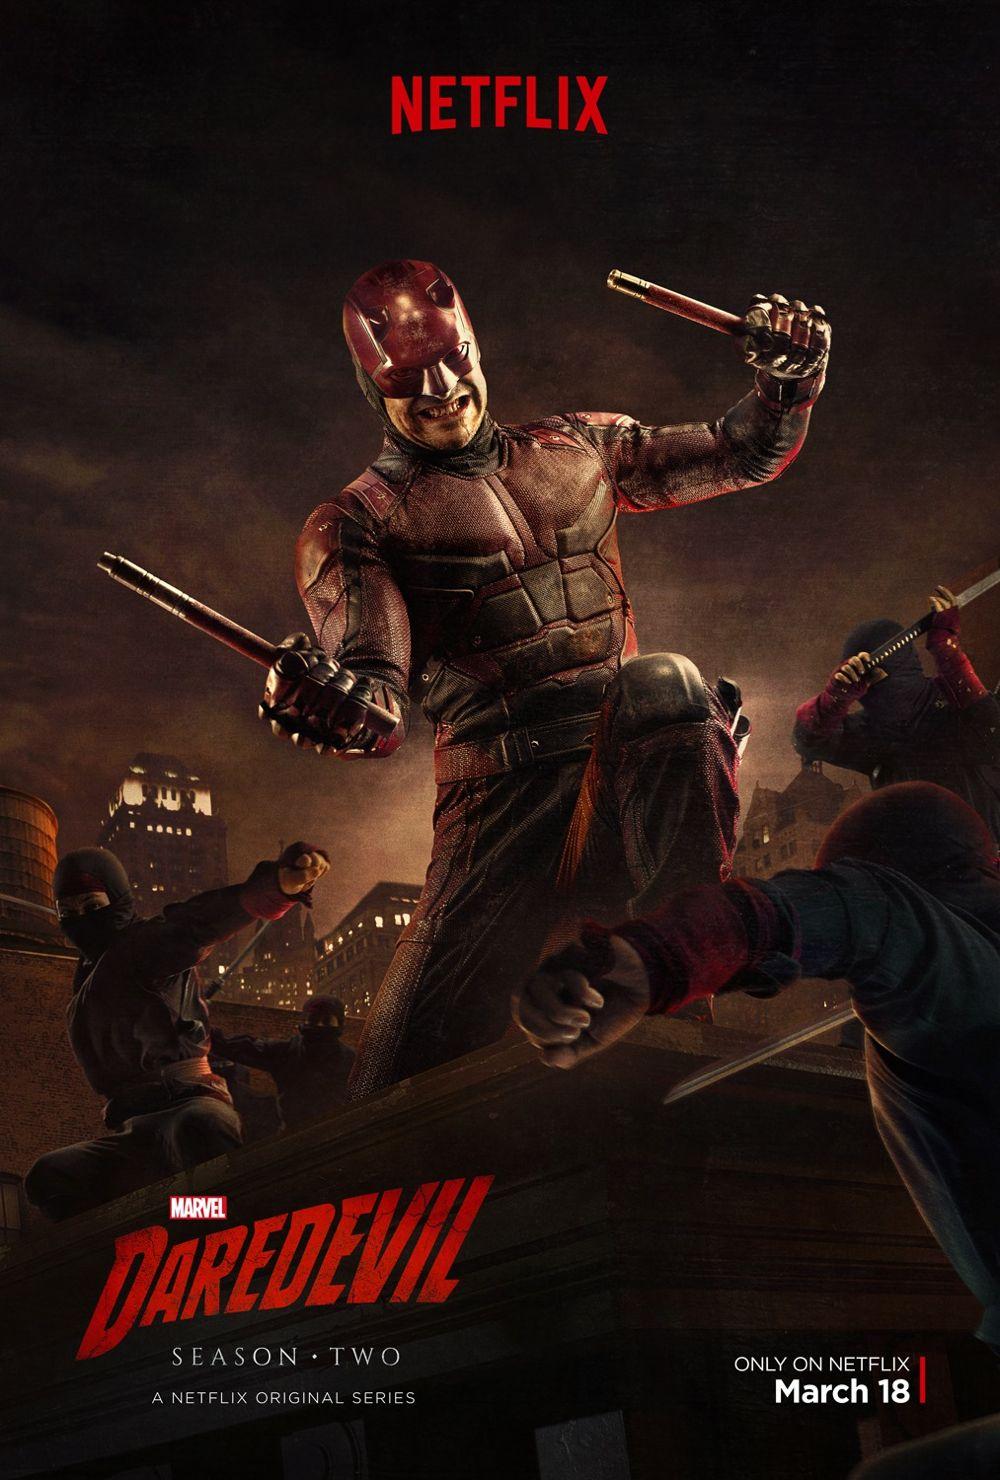 Daredevil Season 2 Poster3